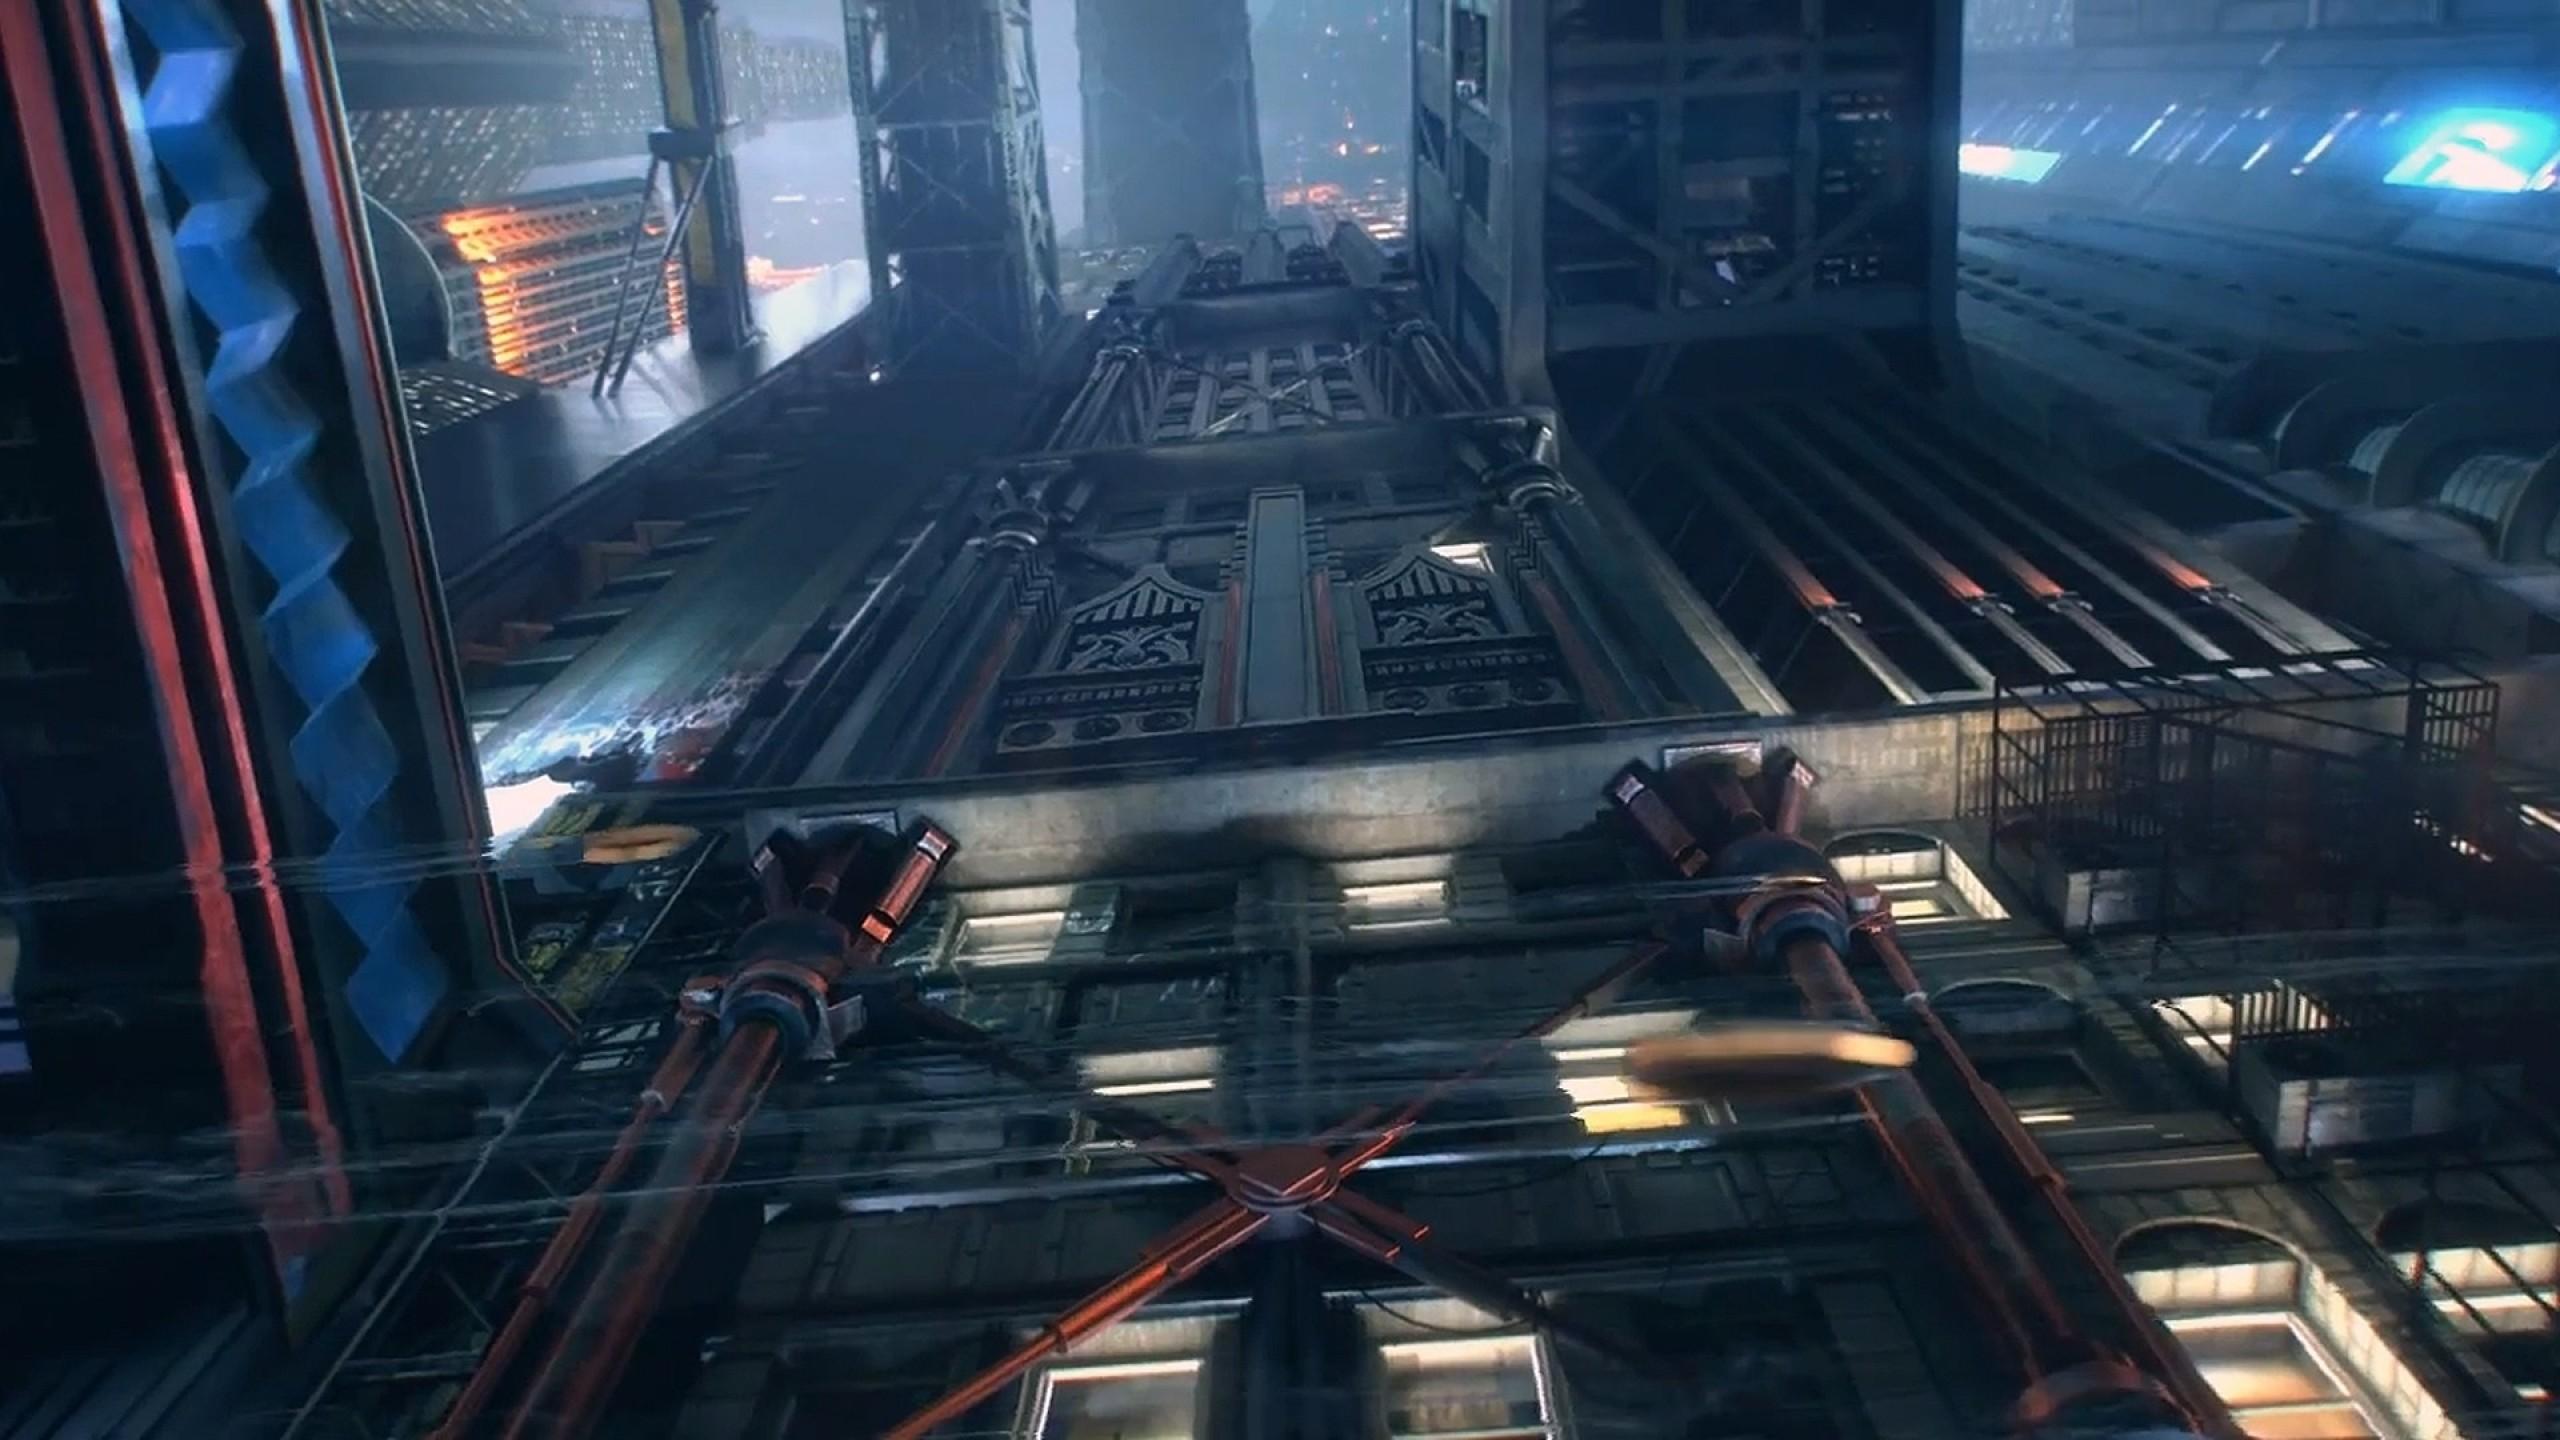 Cyberpunk 2077 Wallpaper 83 Images